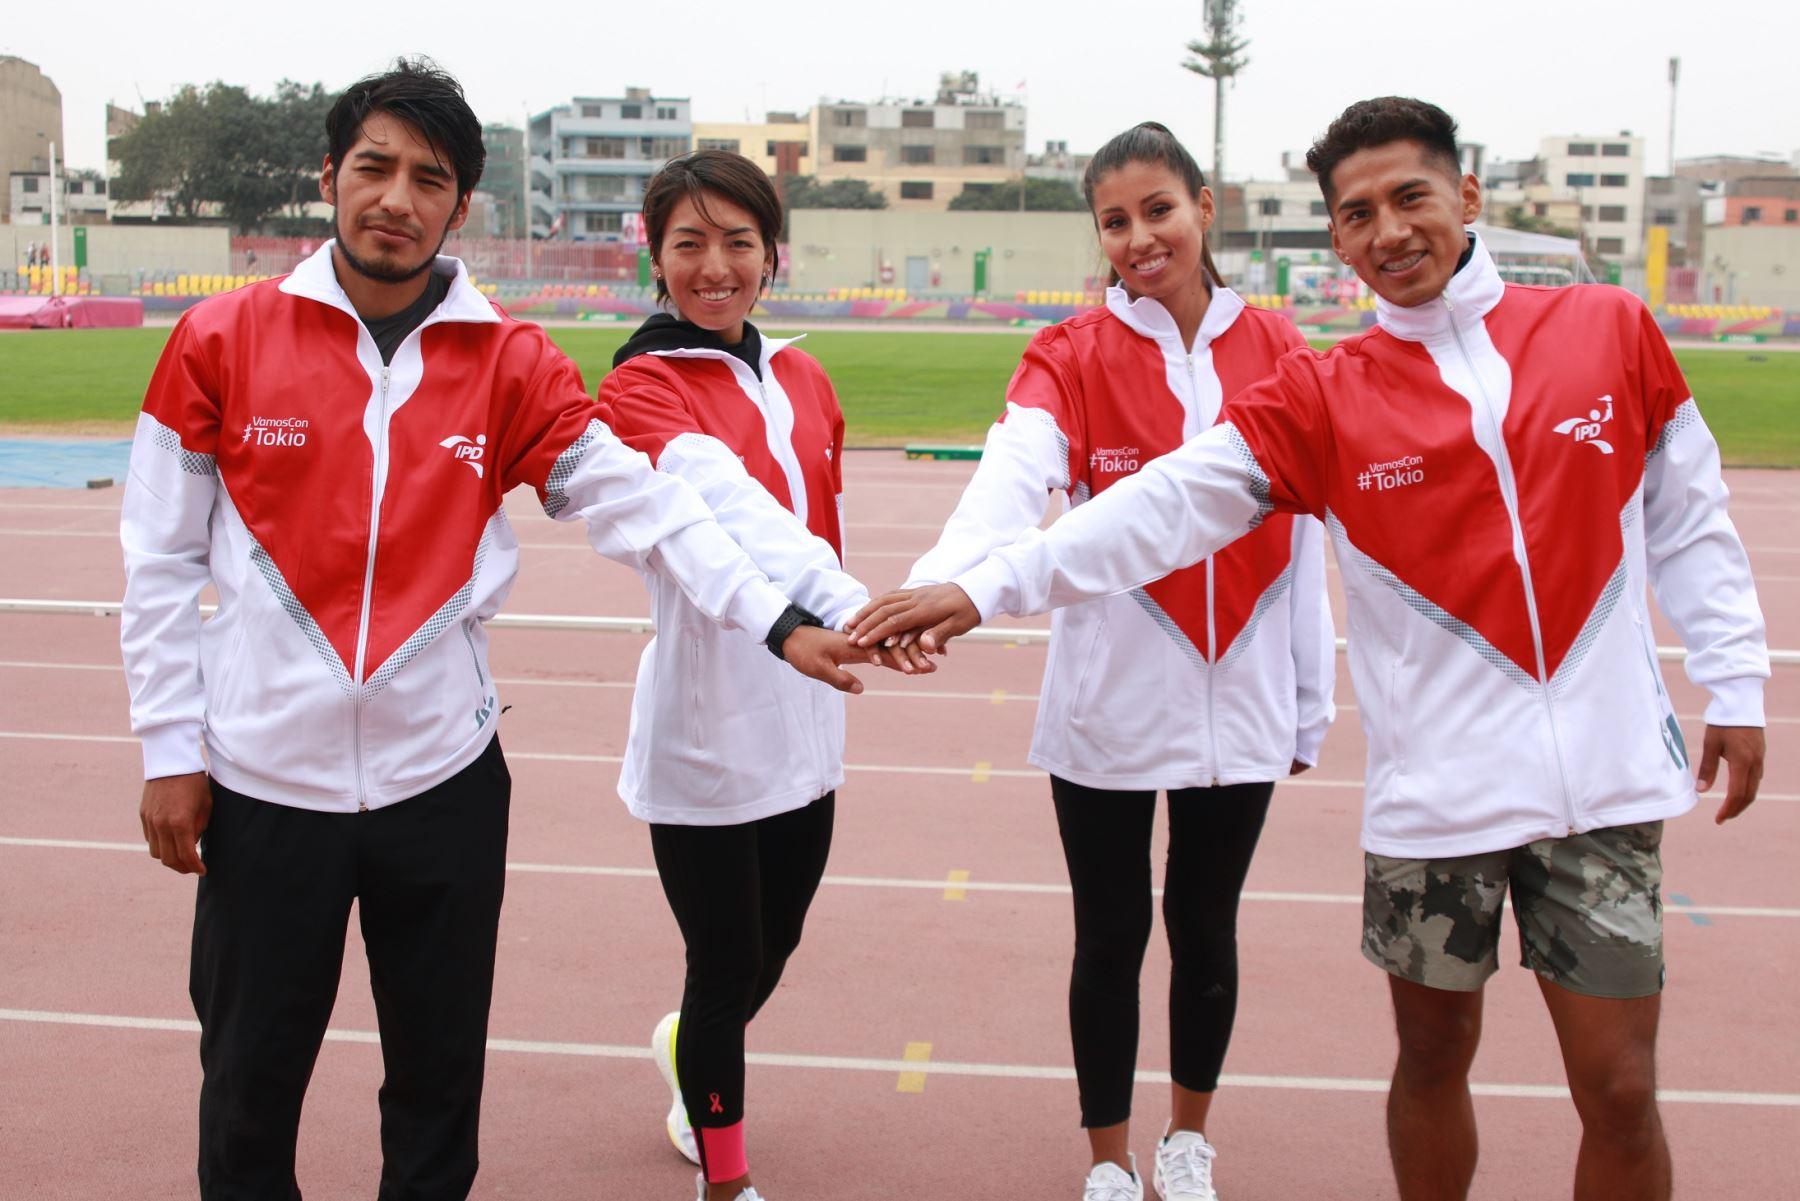 Atletas peruanos ya se encuentran en Tokio 2020 listos para triunfar